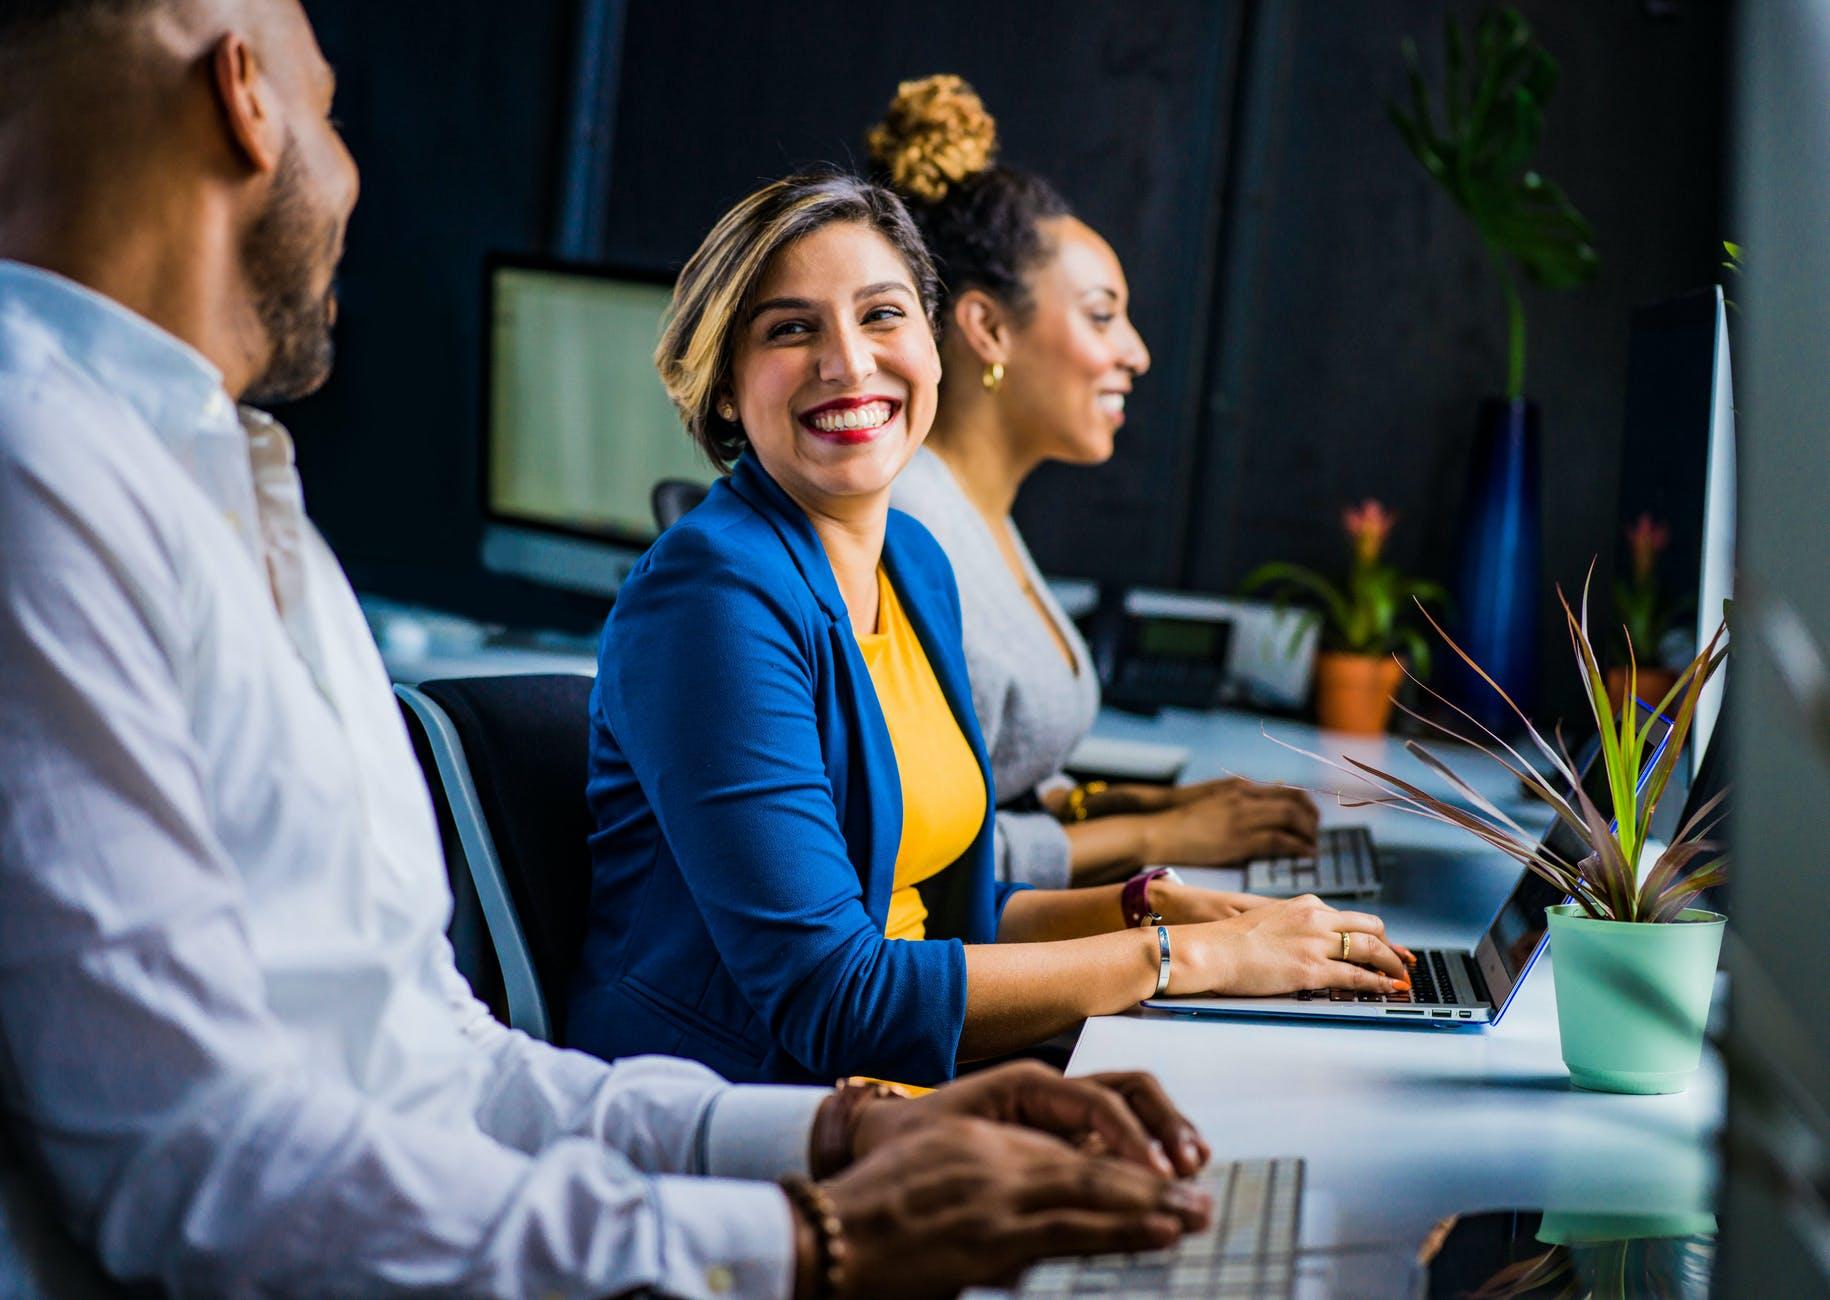 Journée Bien être au travail – 13 juin 2019 , 13h30 ou 14 juin 2019, 8h30